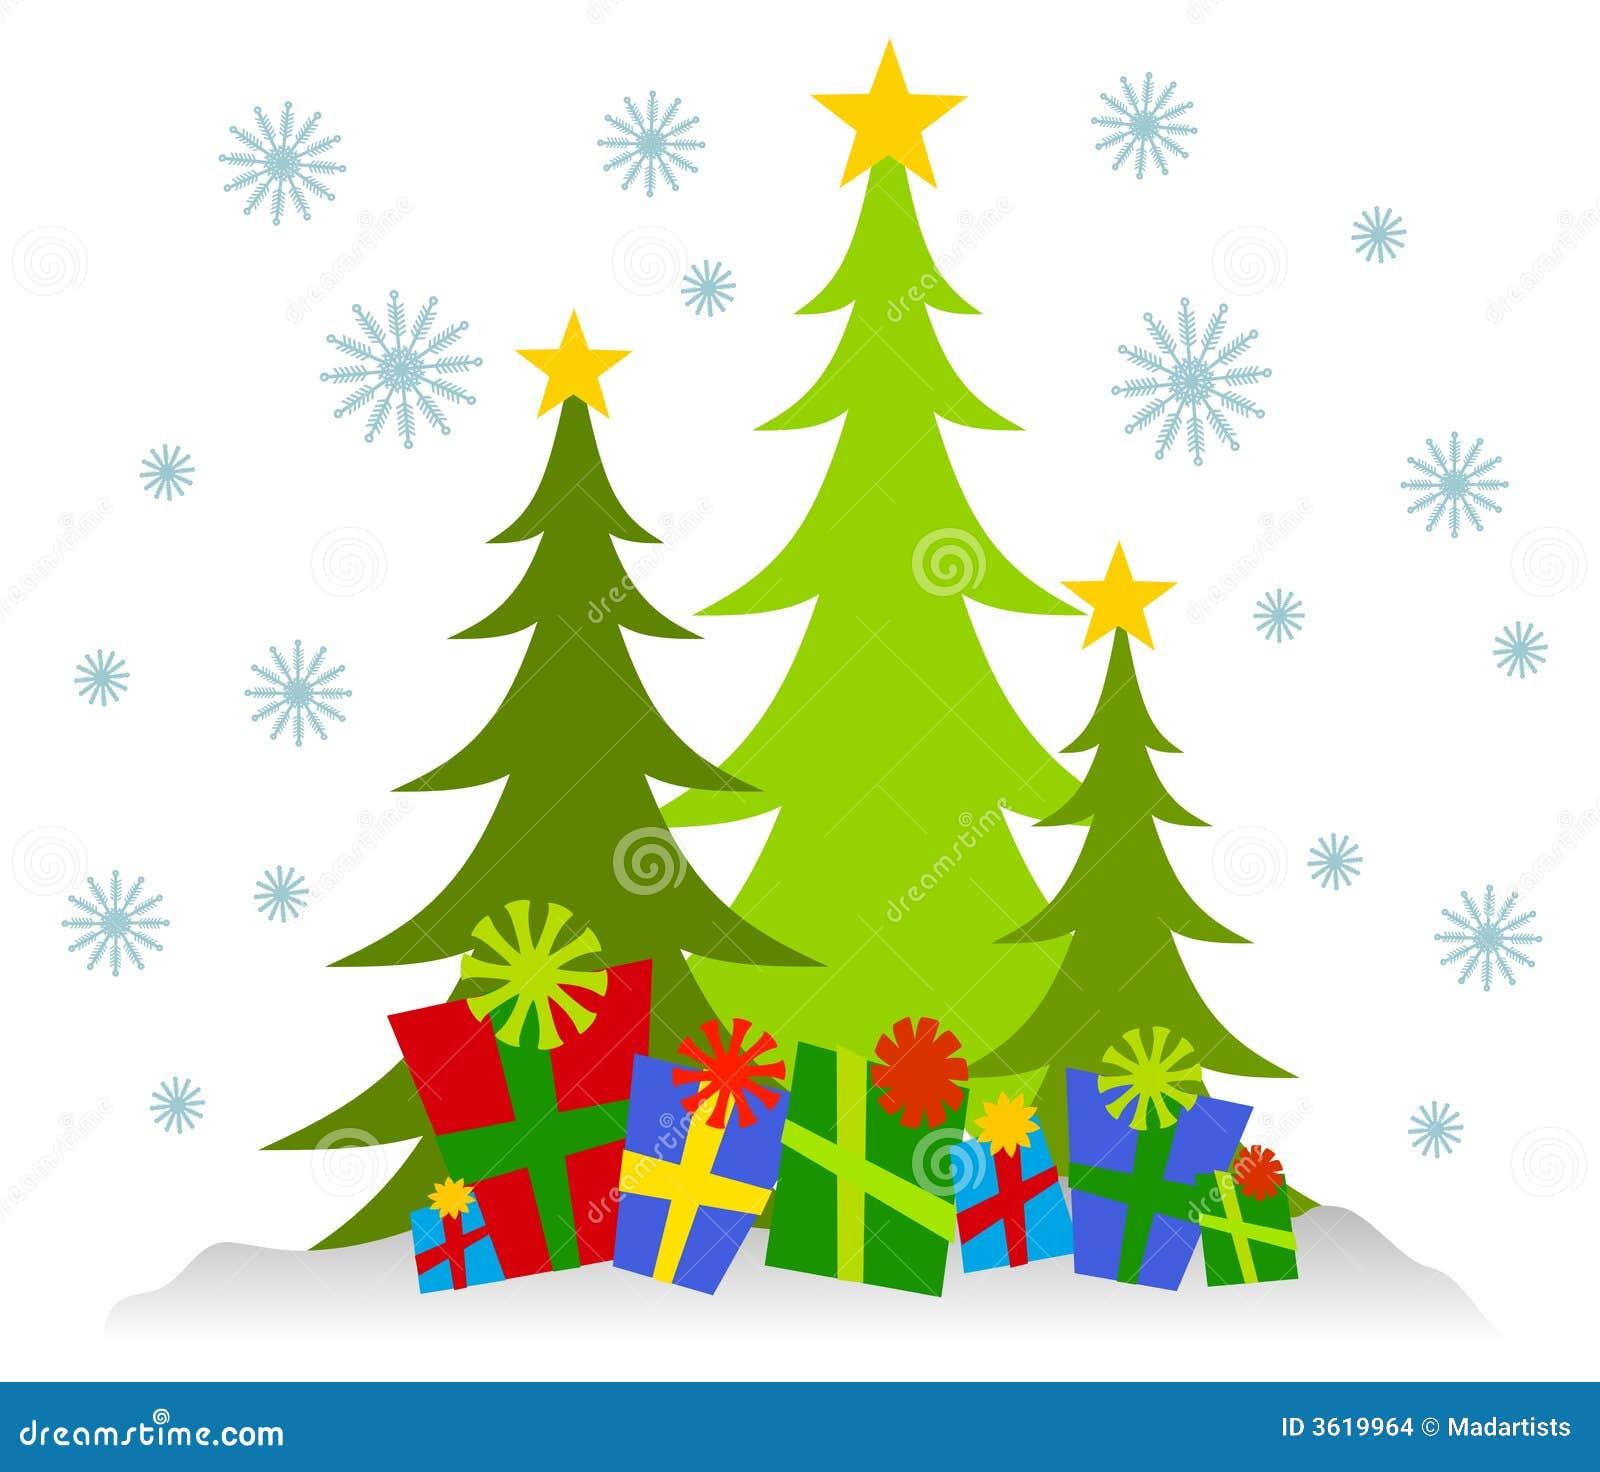 Cartoonish Weihnachtsbäume Und Geschenke Stock Abbildung ...